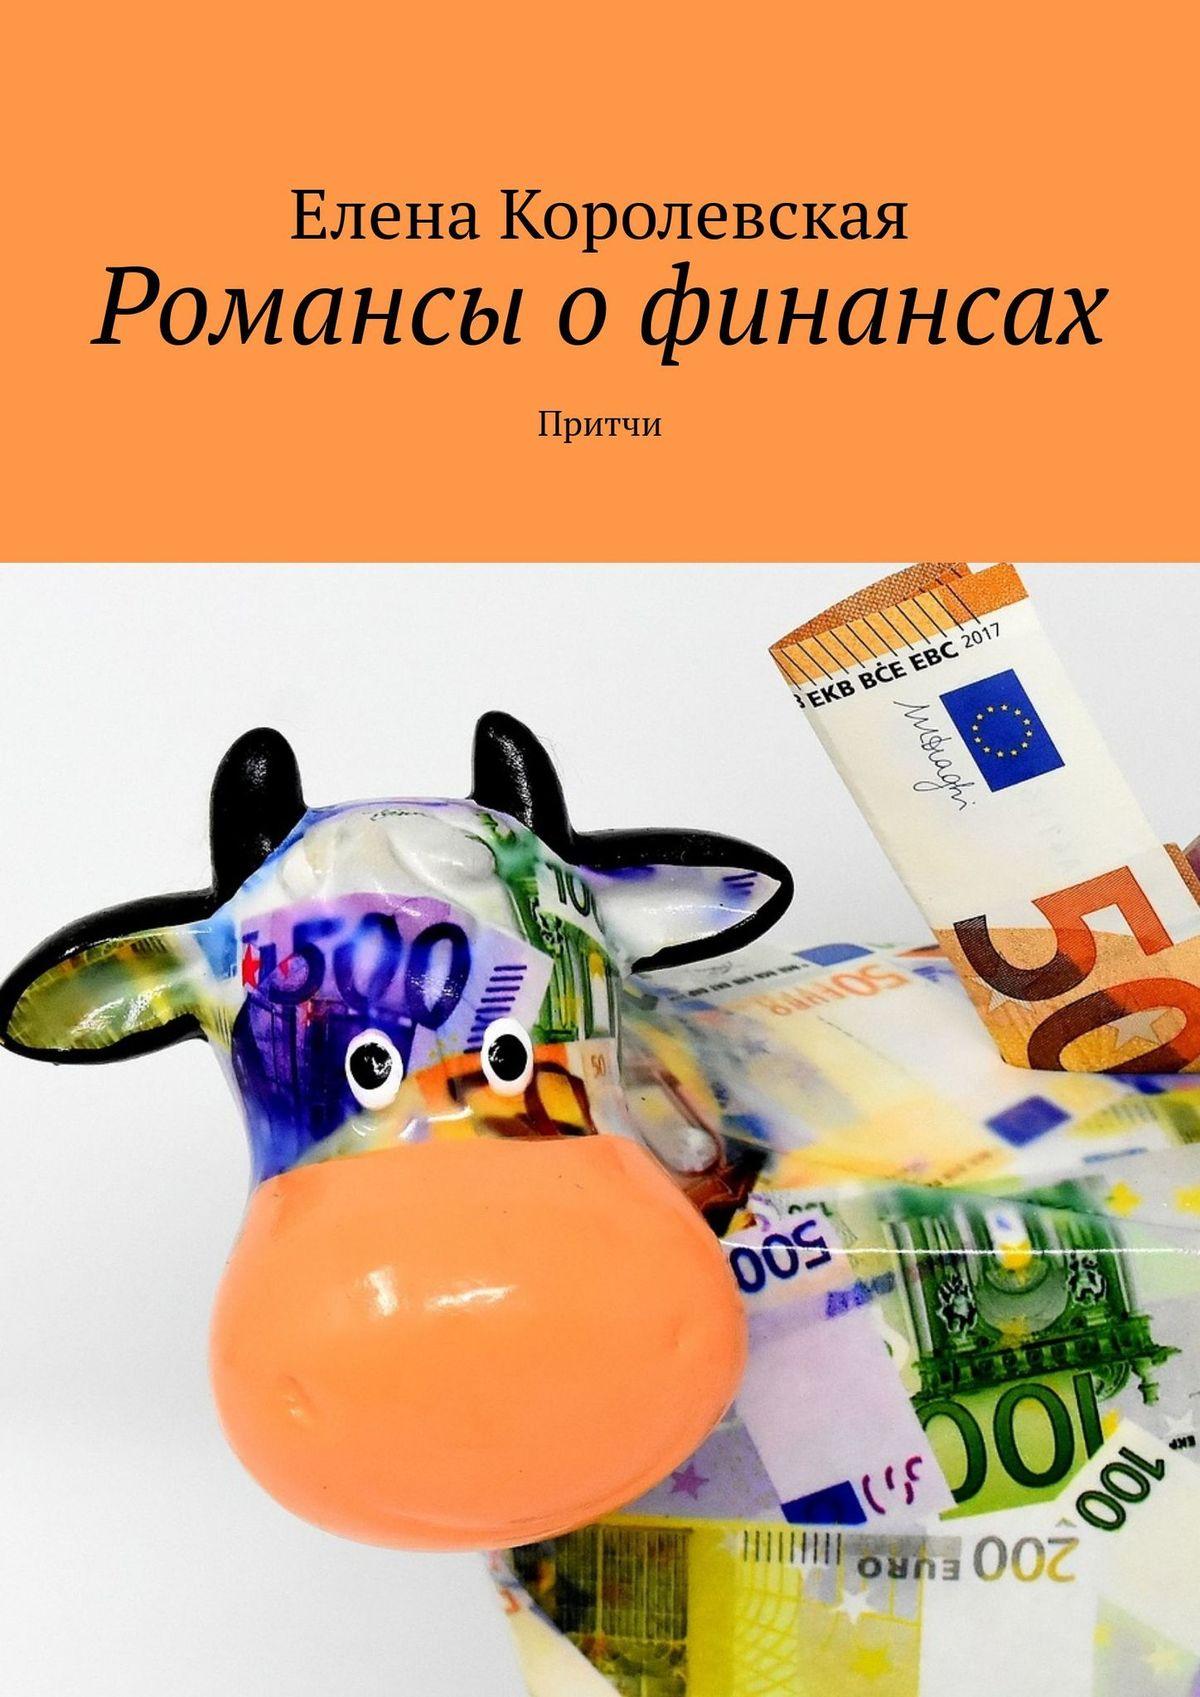 Елена Королевская Романсы офинансах. Притчи